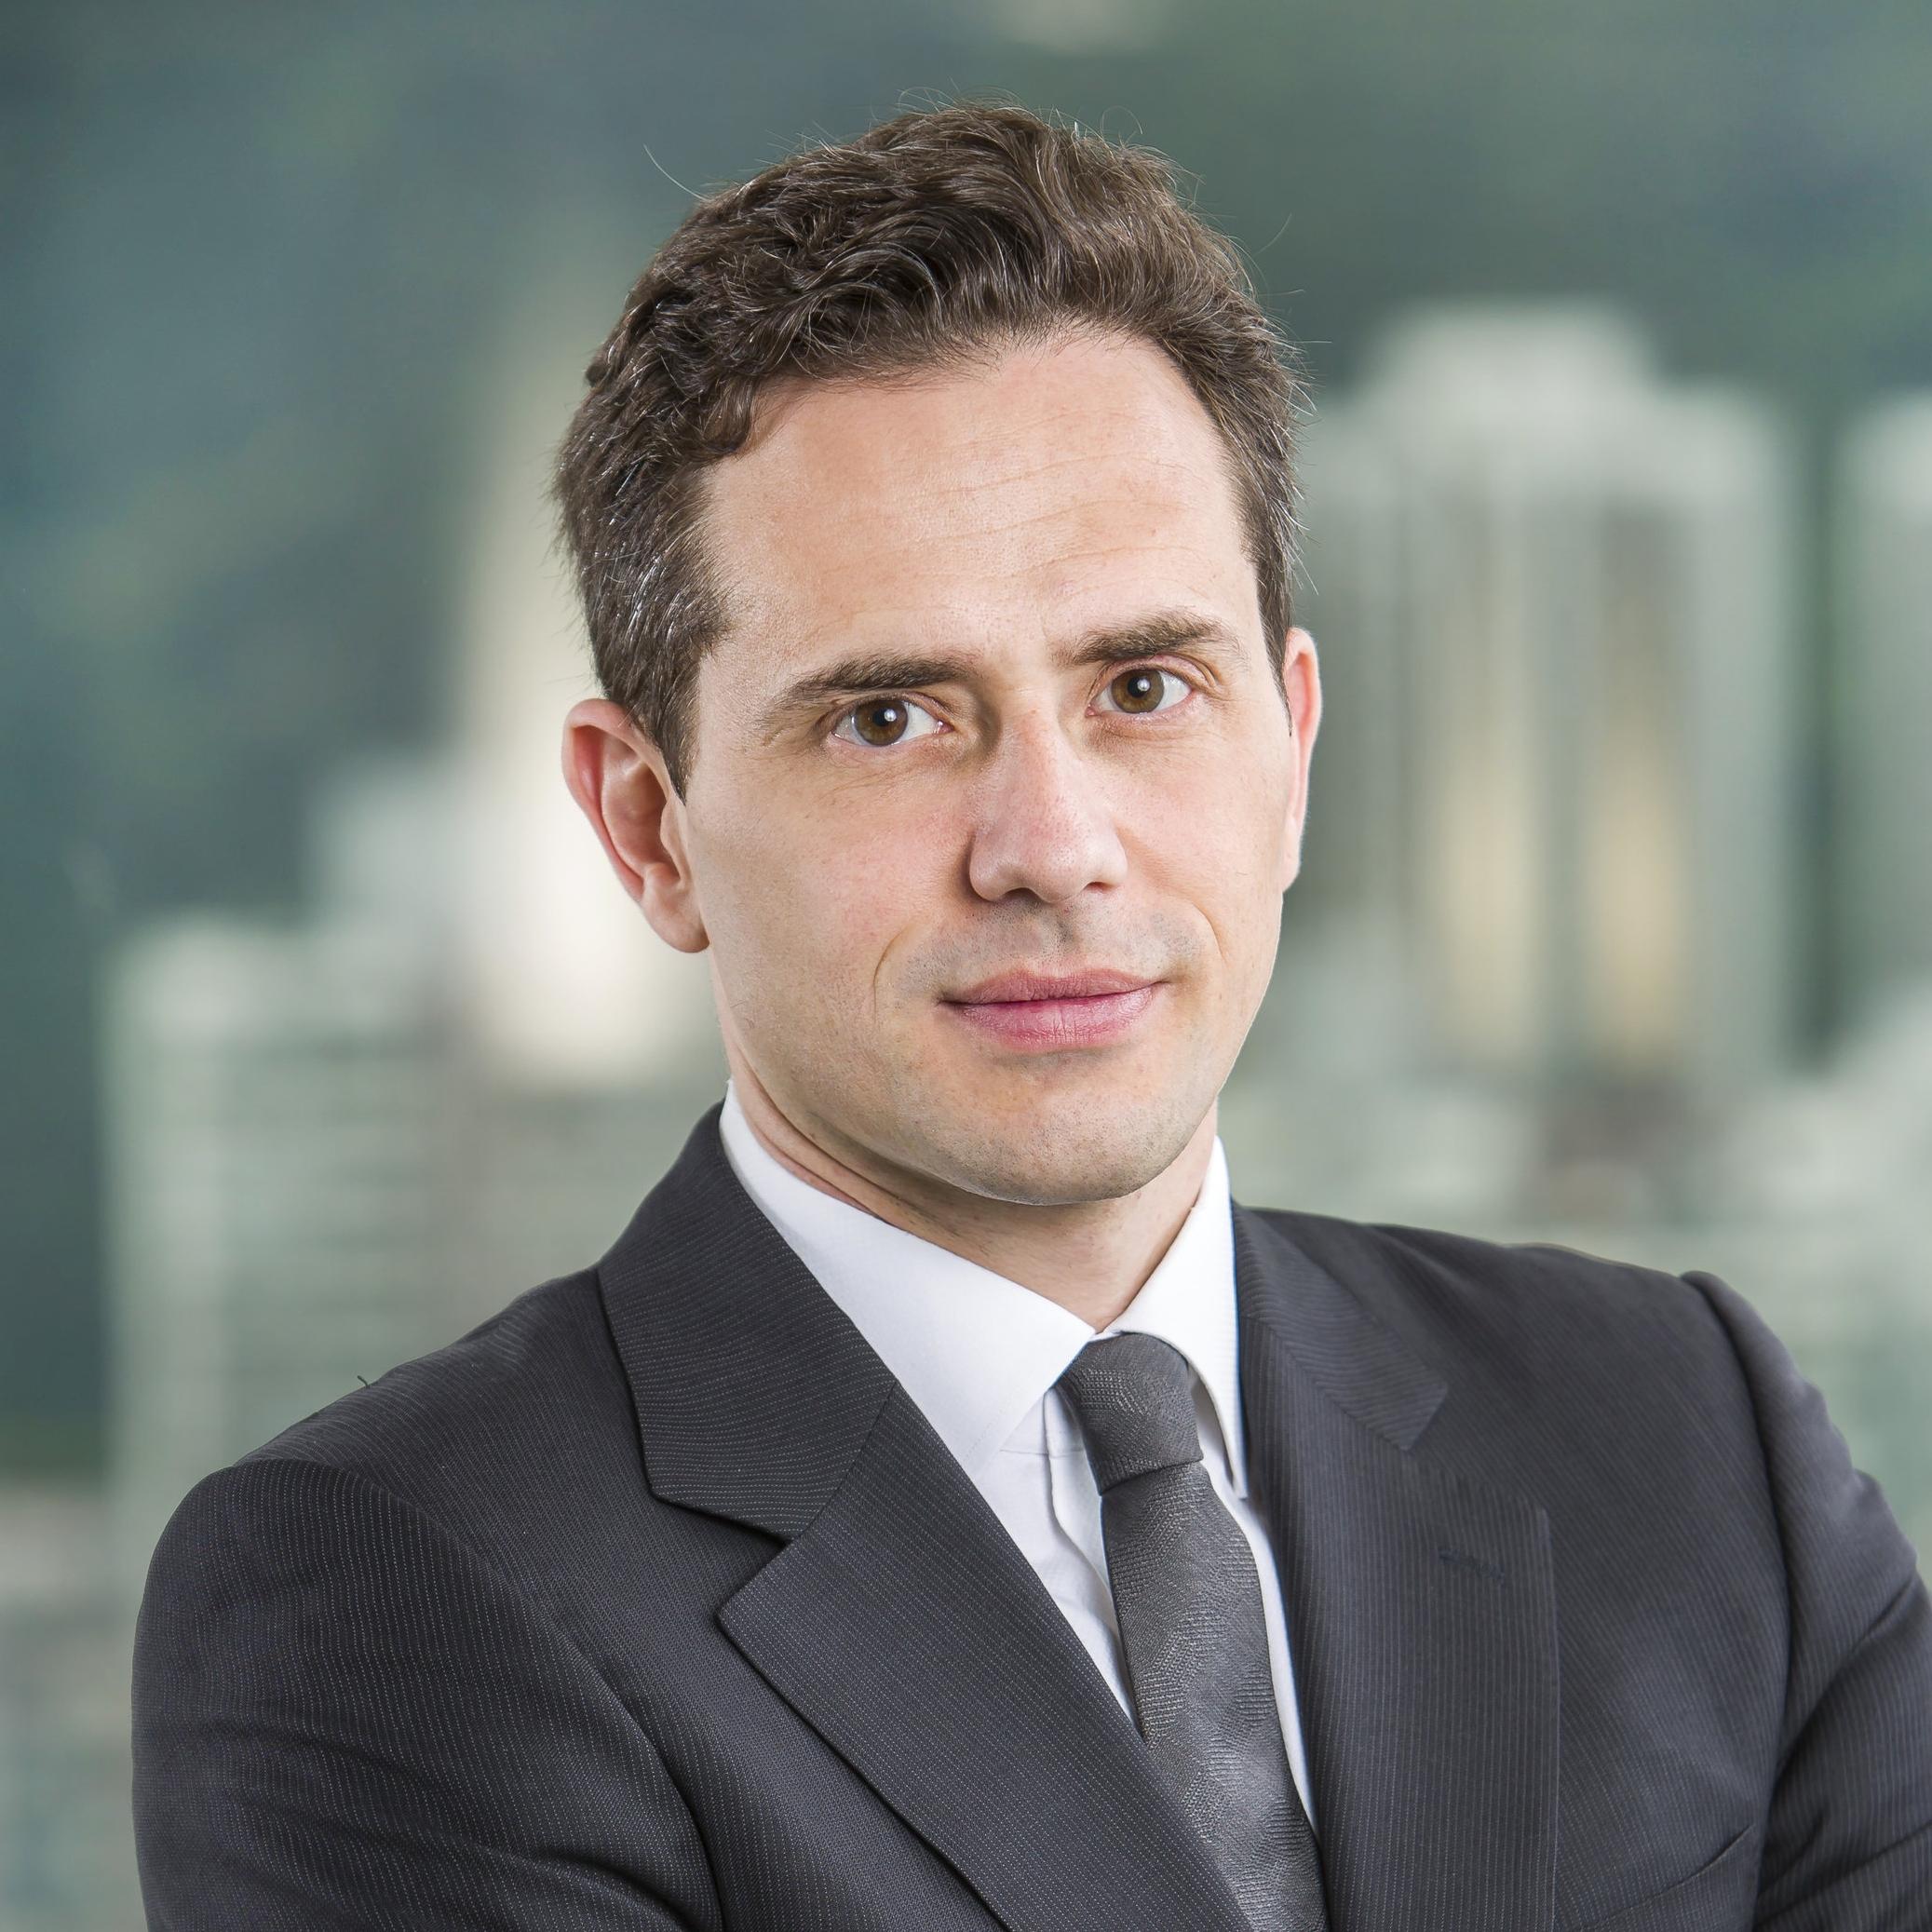 Jamil Anderlini keynote speaker